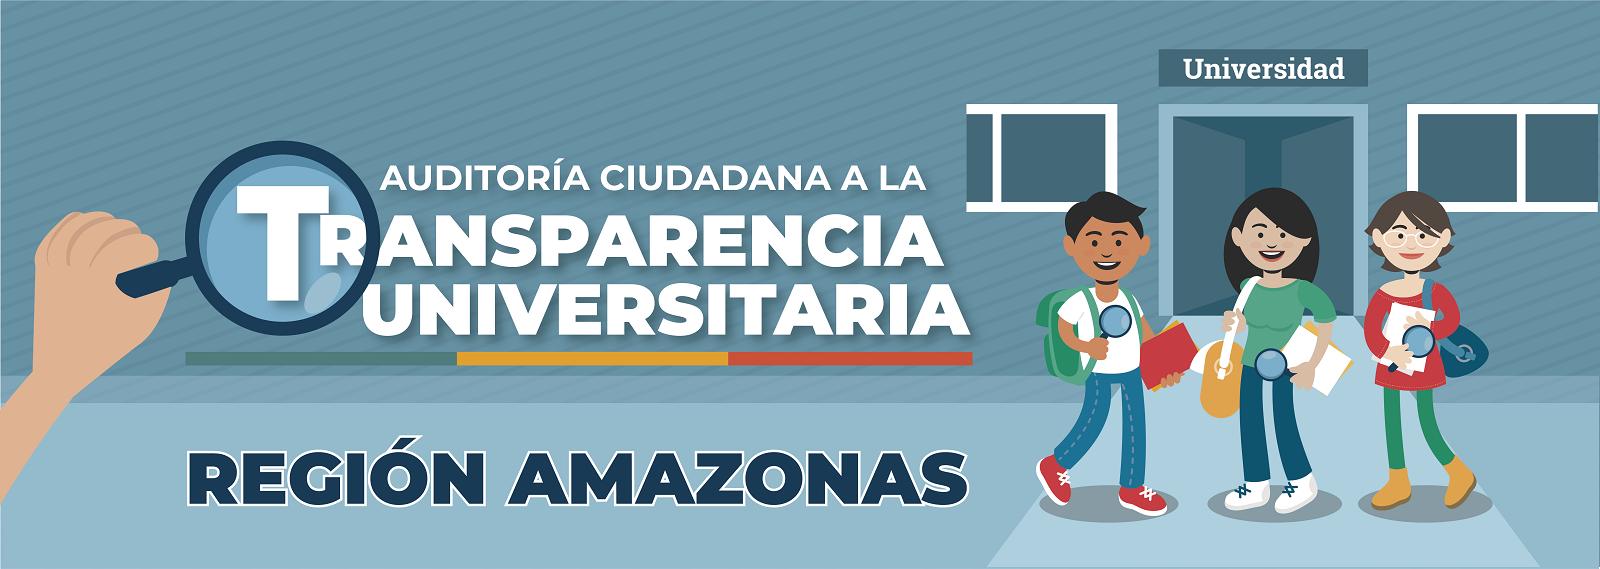 AMAZONAS-05